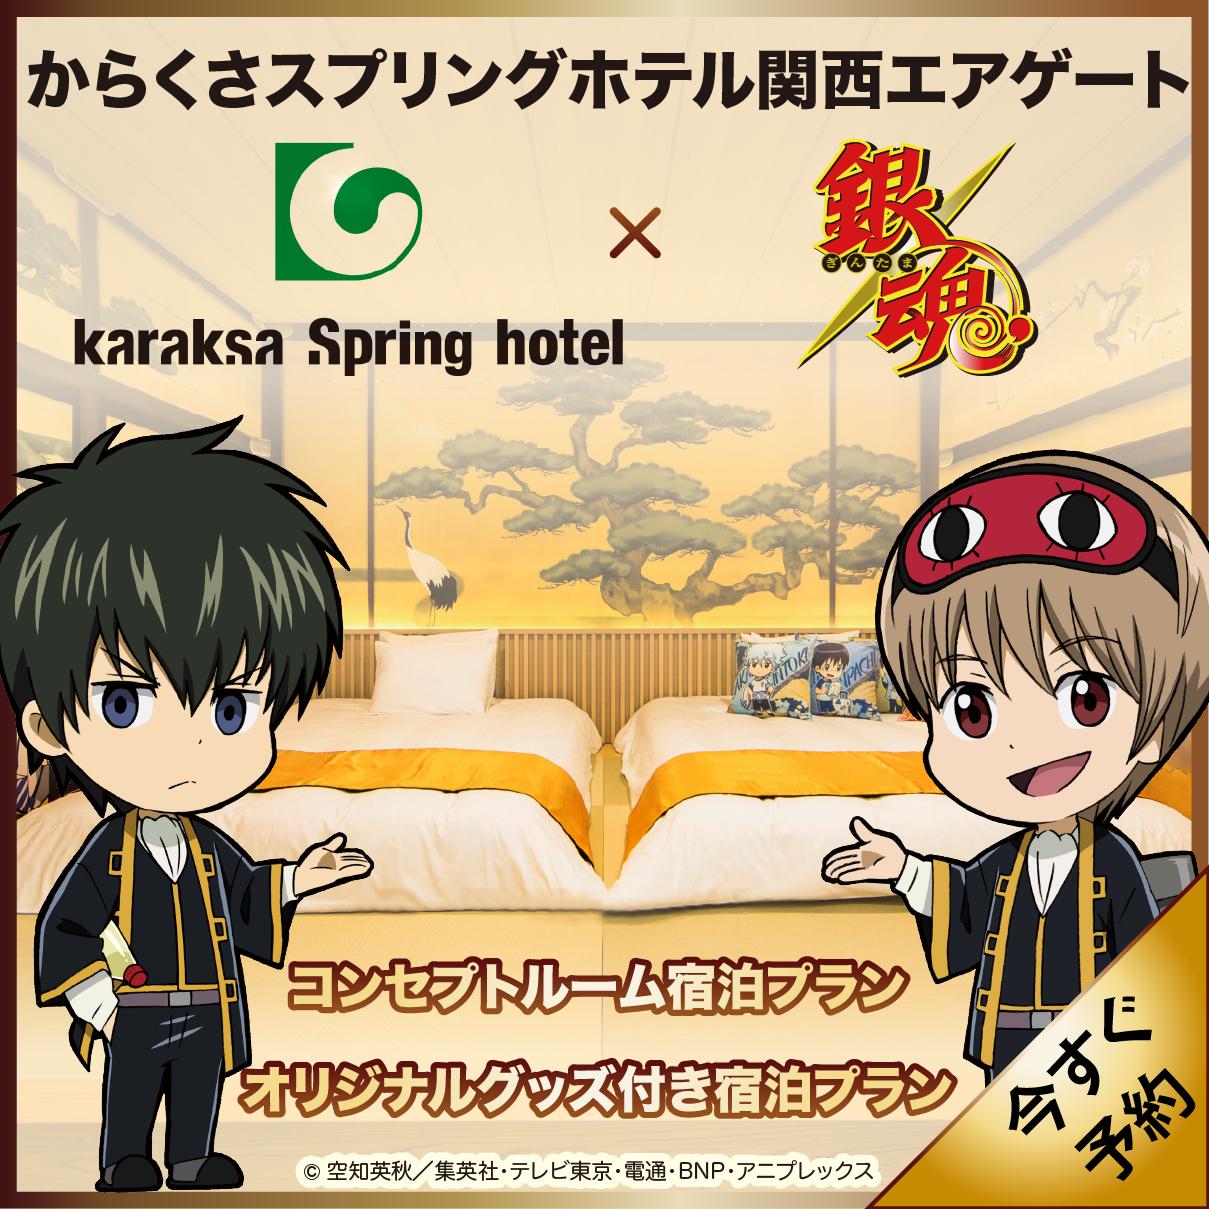 からくさスプリングホテル関西エアゲート 銀魂コラボプラン